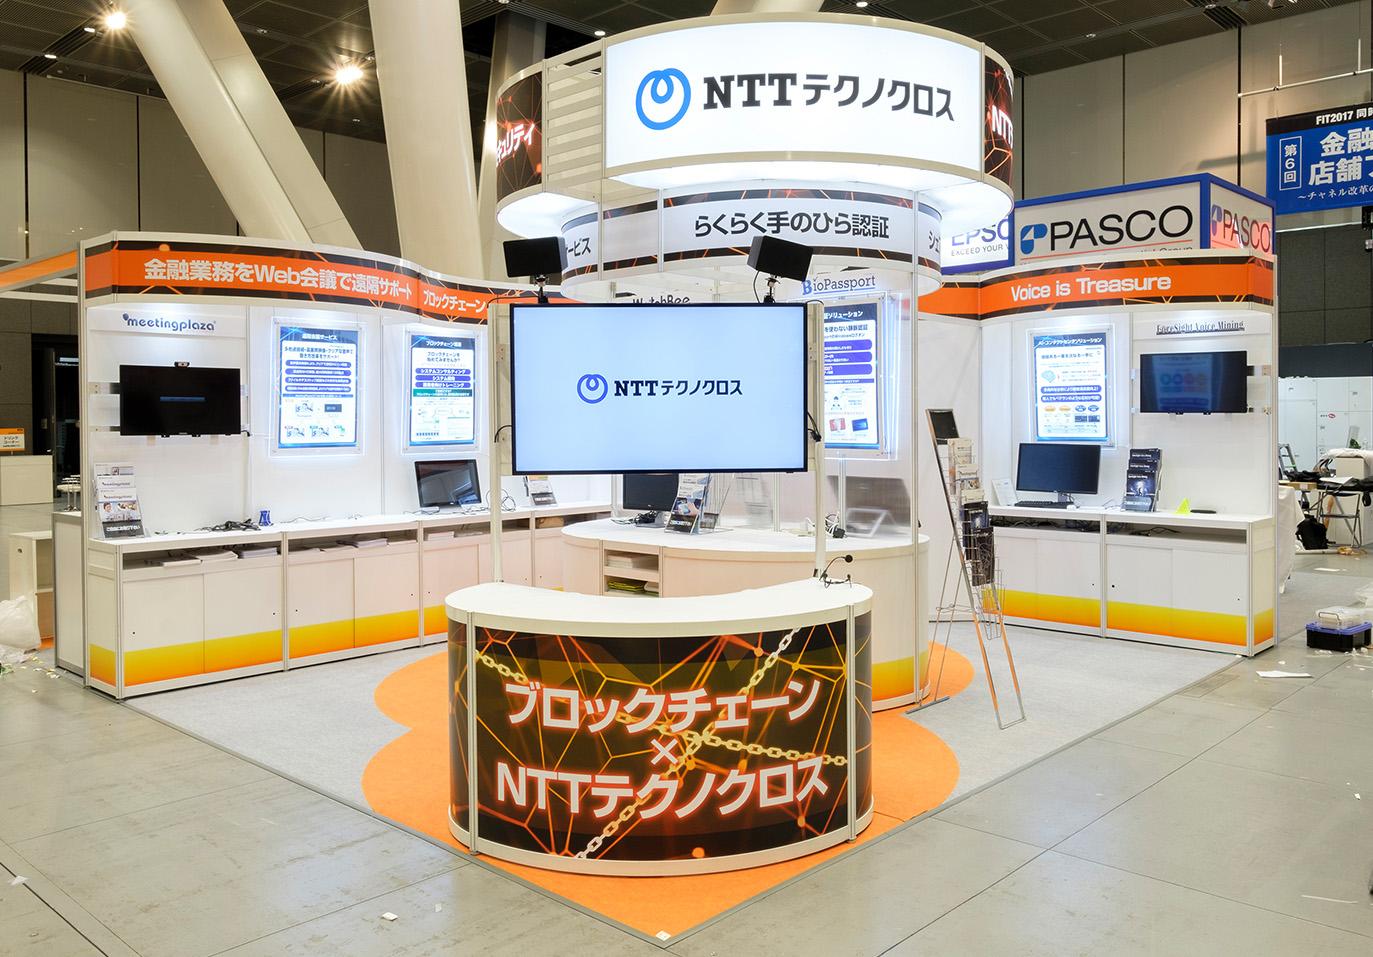 NTTテクノクロス様